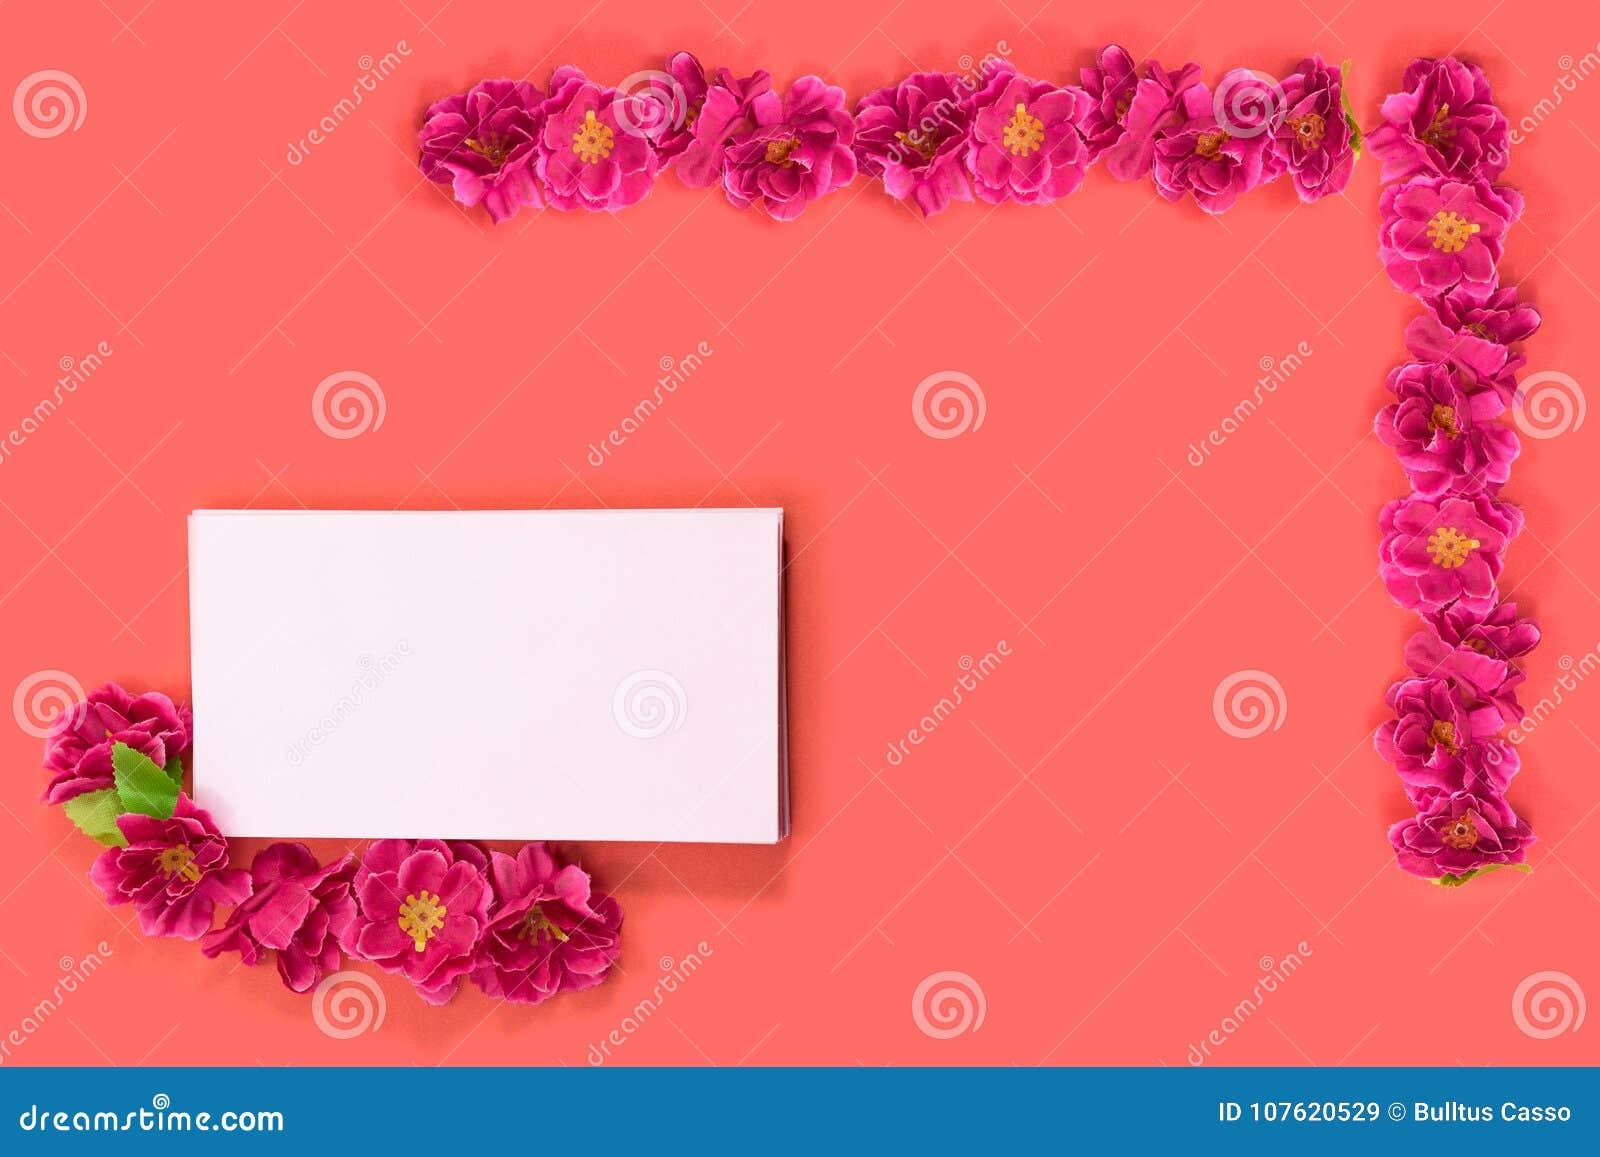 Rode bloemen met roze envelop op rode achtergrond